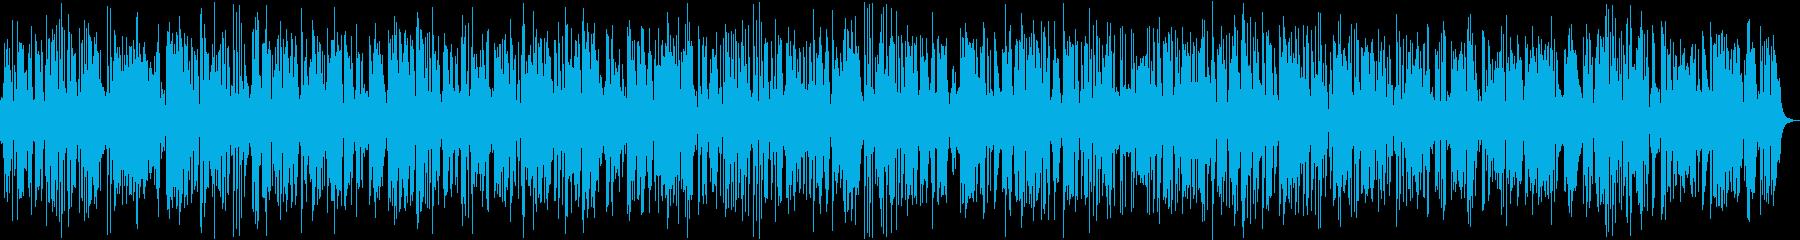 カフェ風おしゃれジャズピアノバンド9分の再生済みの波形